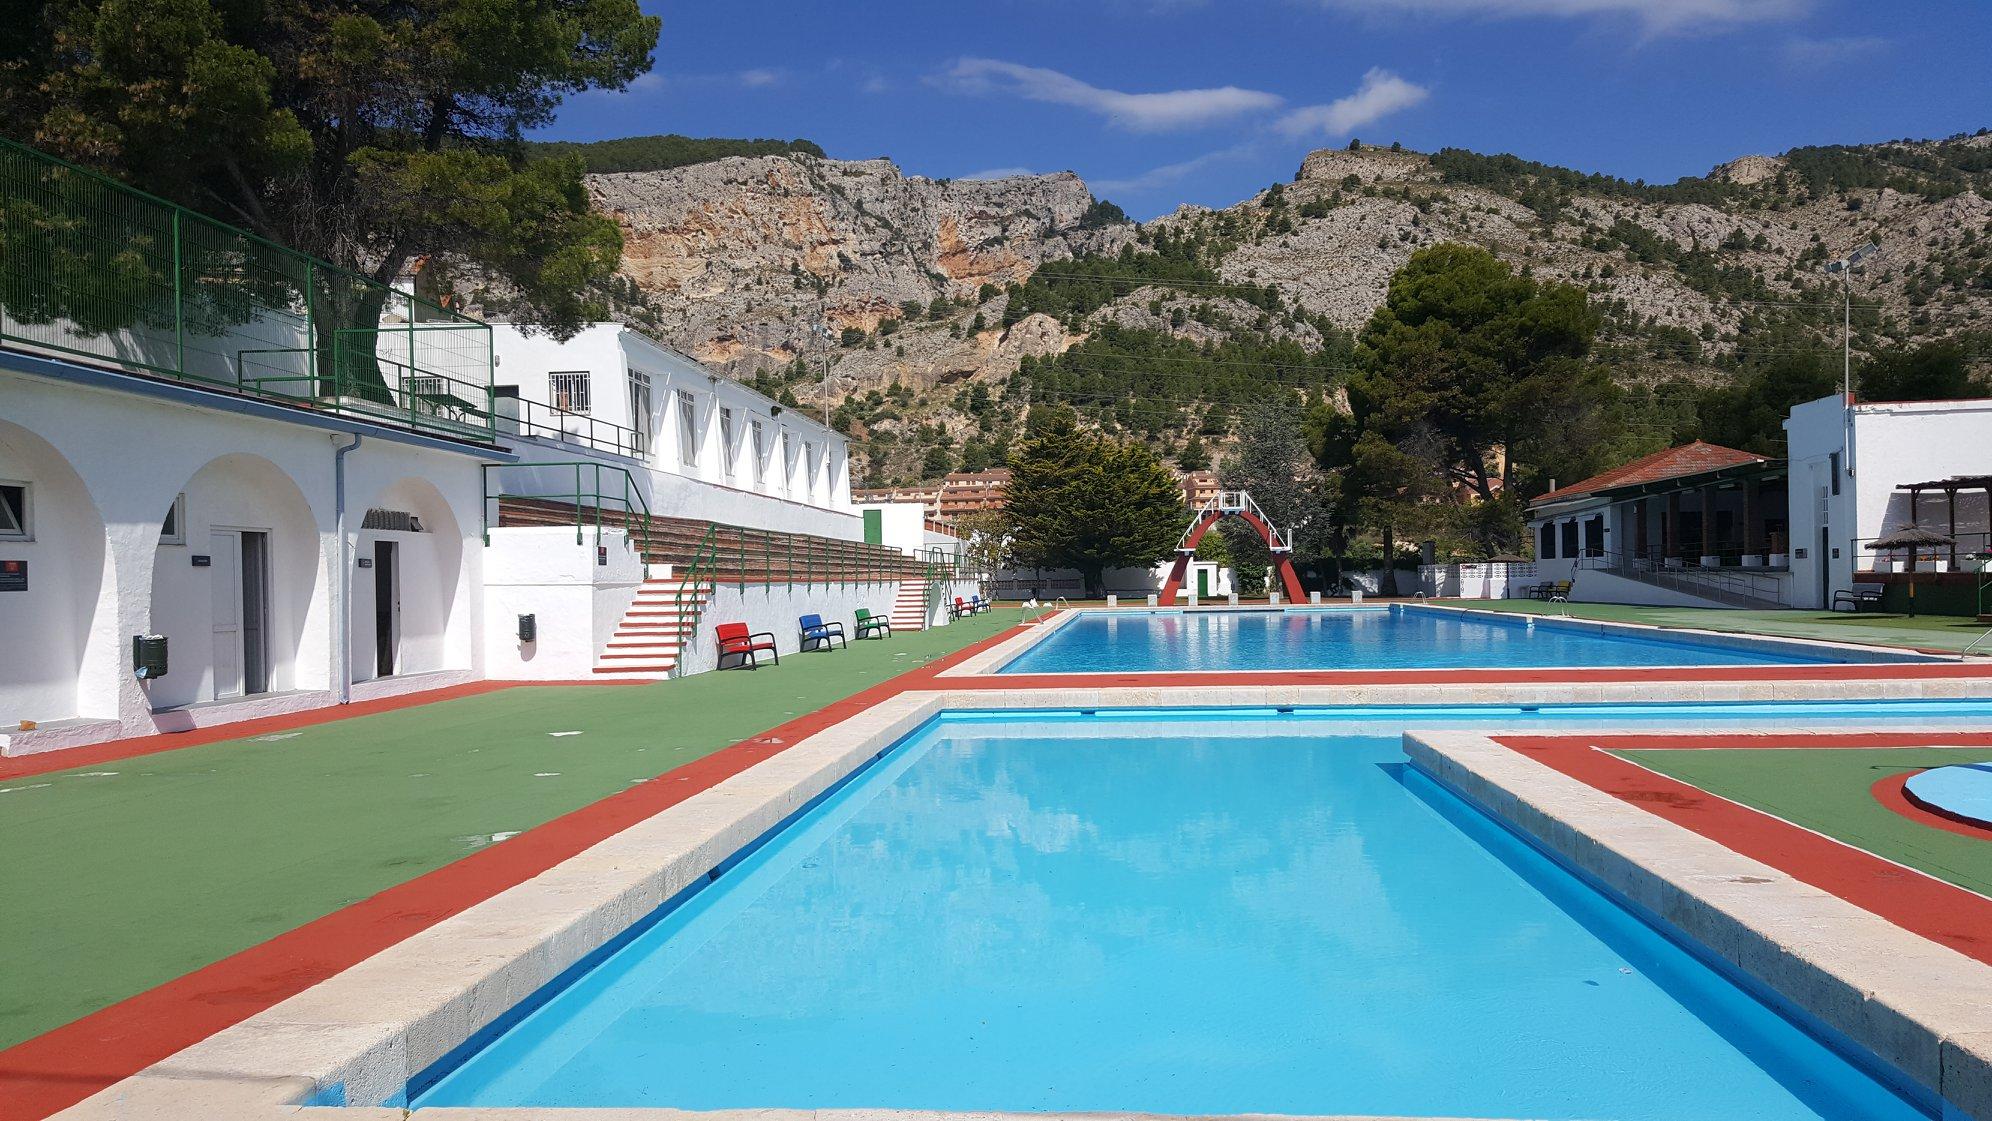 Foto El lunes 29 de junio abrirán las piscinas municipales